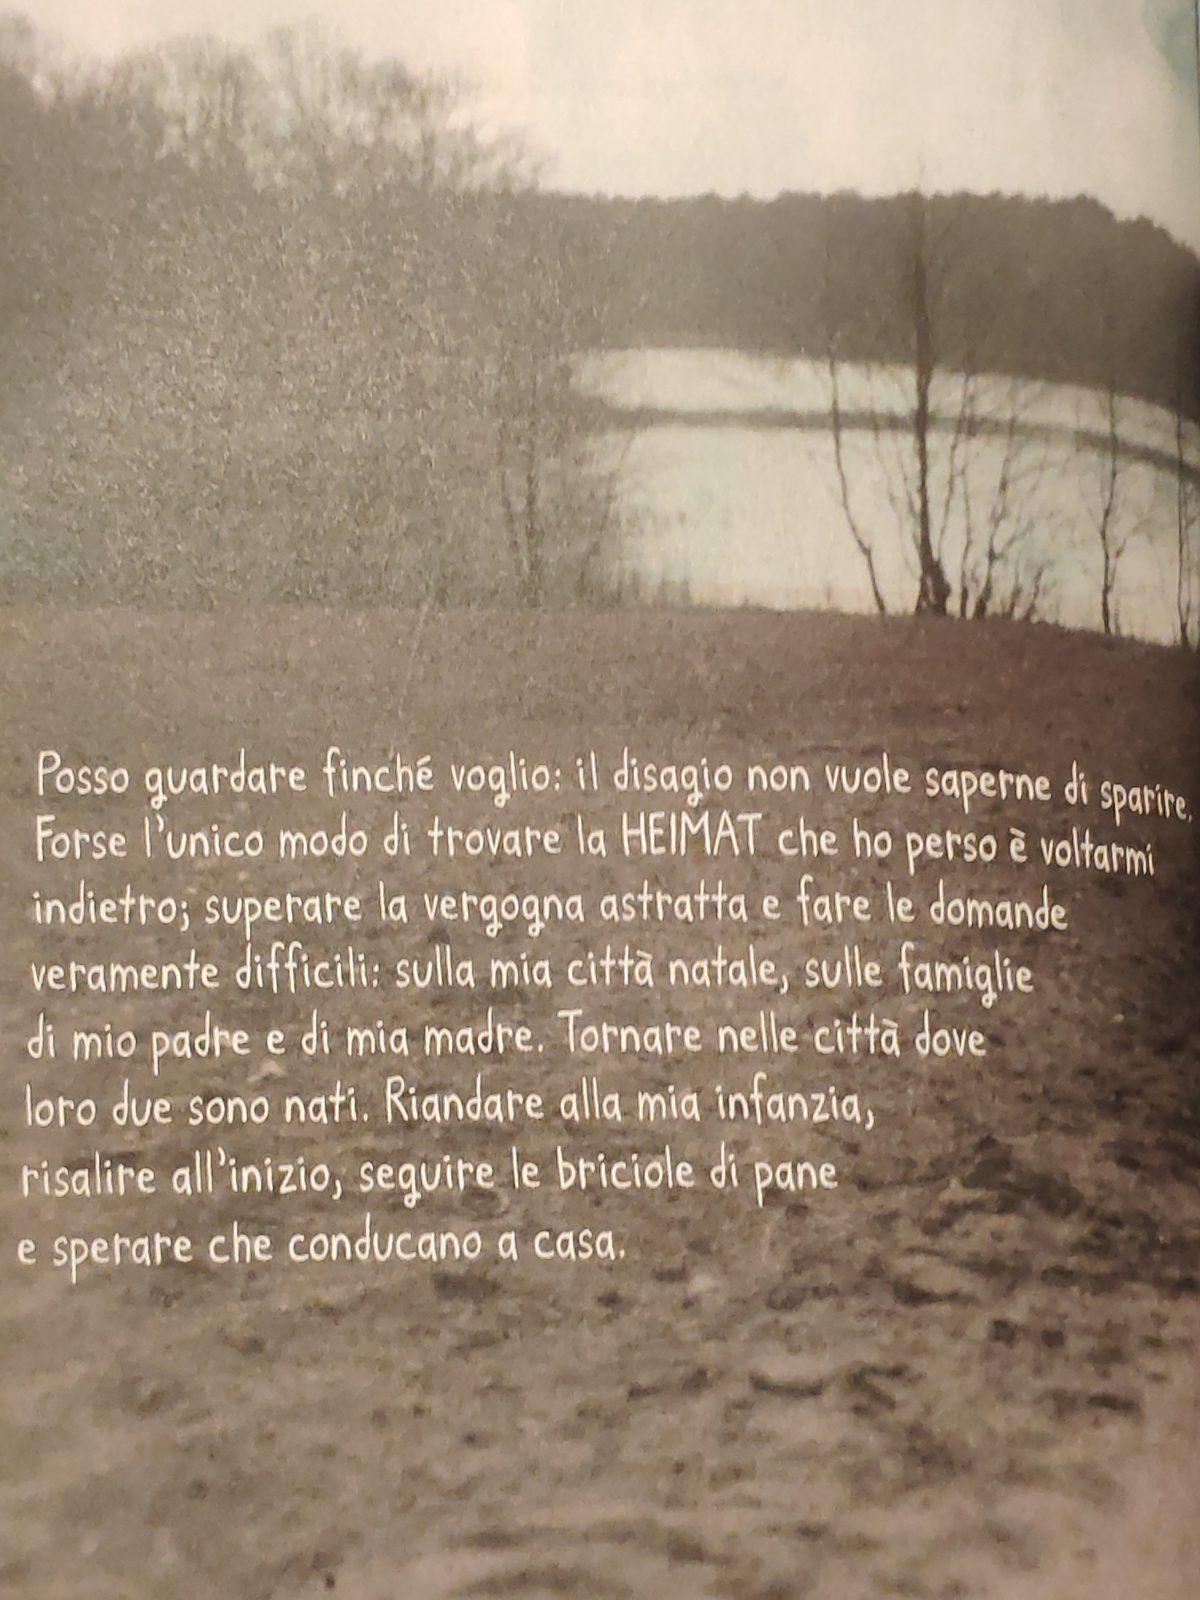 Mio Caro Fumetto - Heimat: un album di famiglia tedesco - Pagina del volume in cui Nora Krug spiega il suo modo di trovare la Heimat.